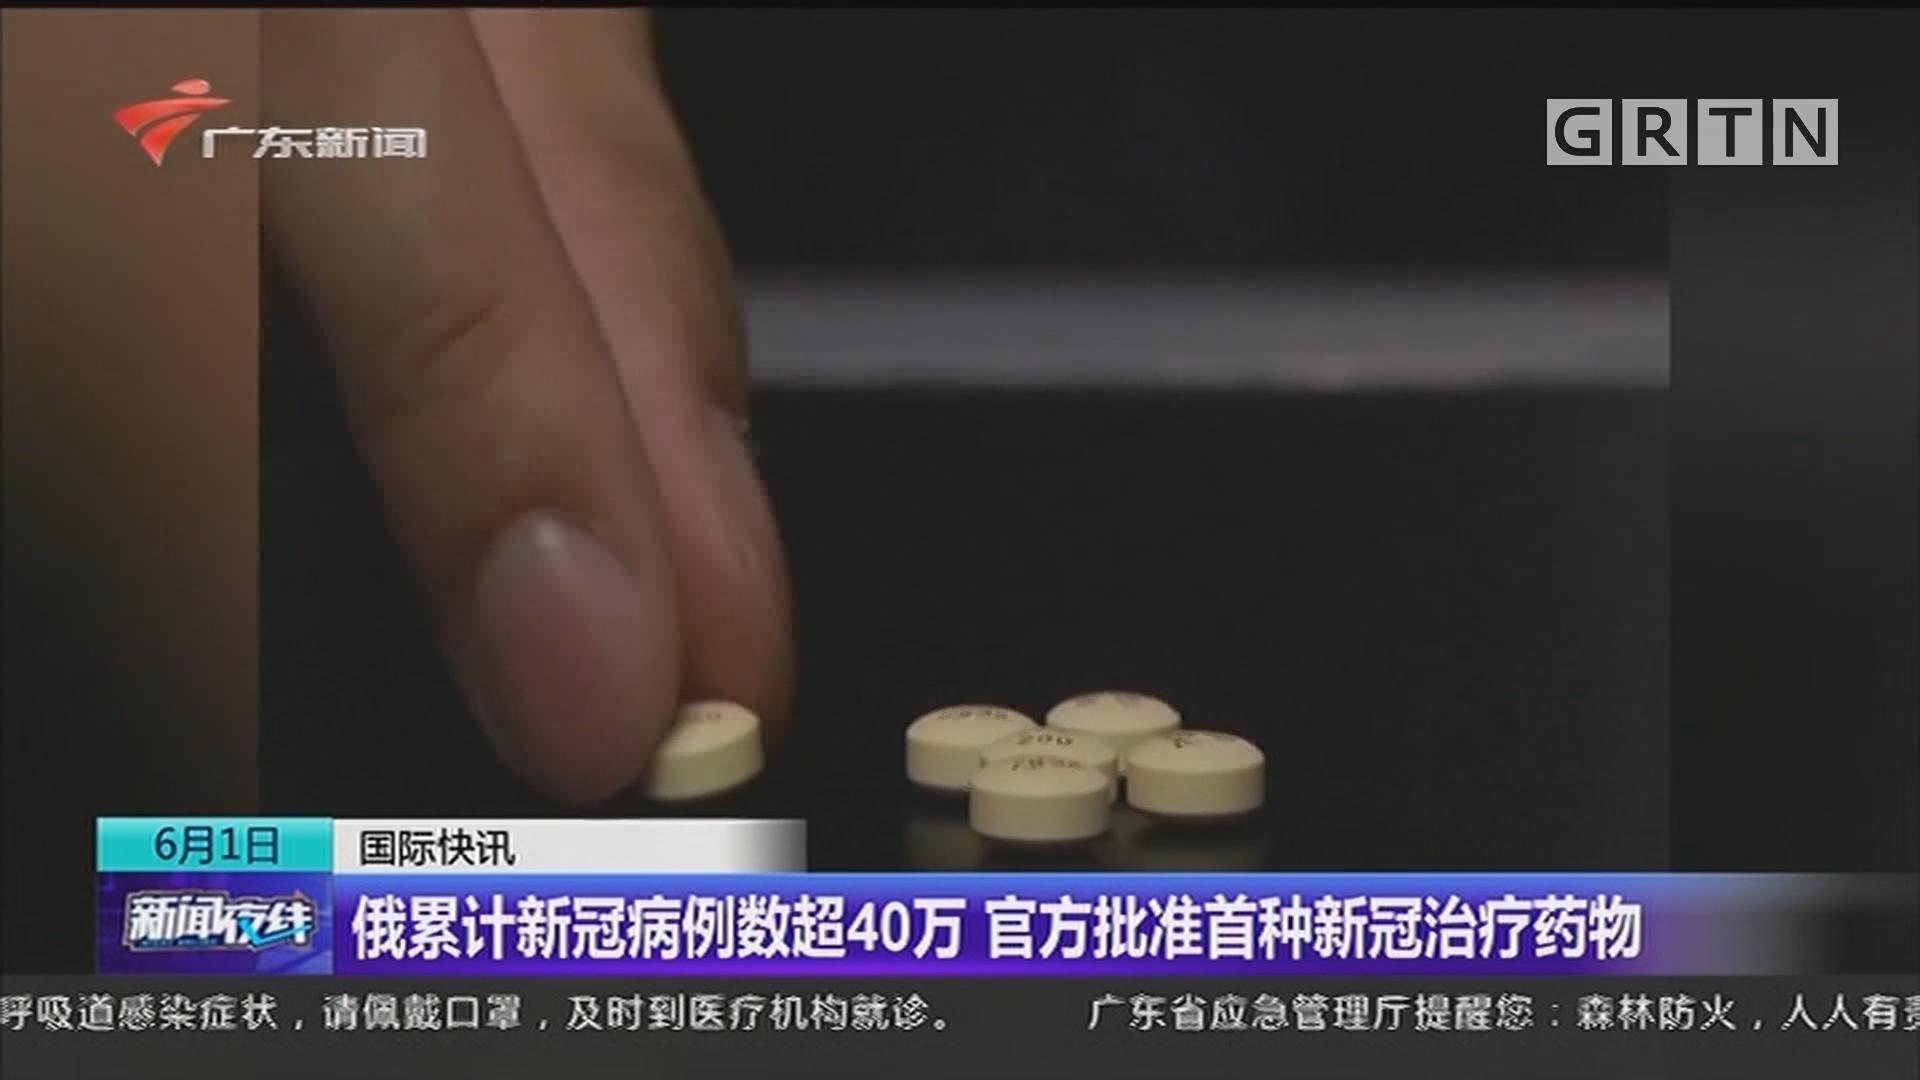 俄累计新冠病例数超40万 官方批准首种新冠治疗药物